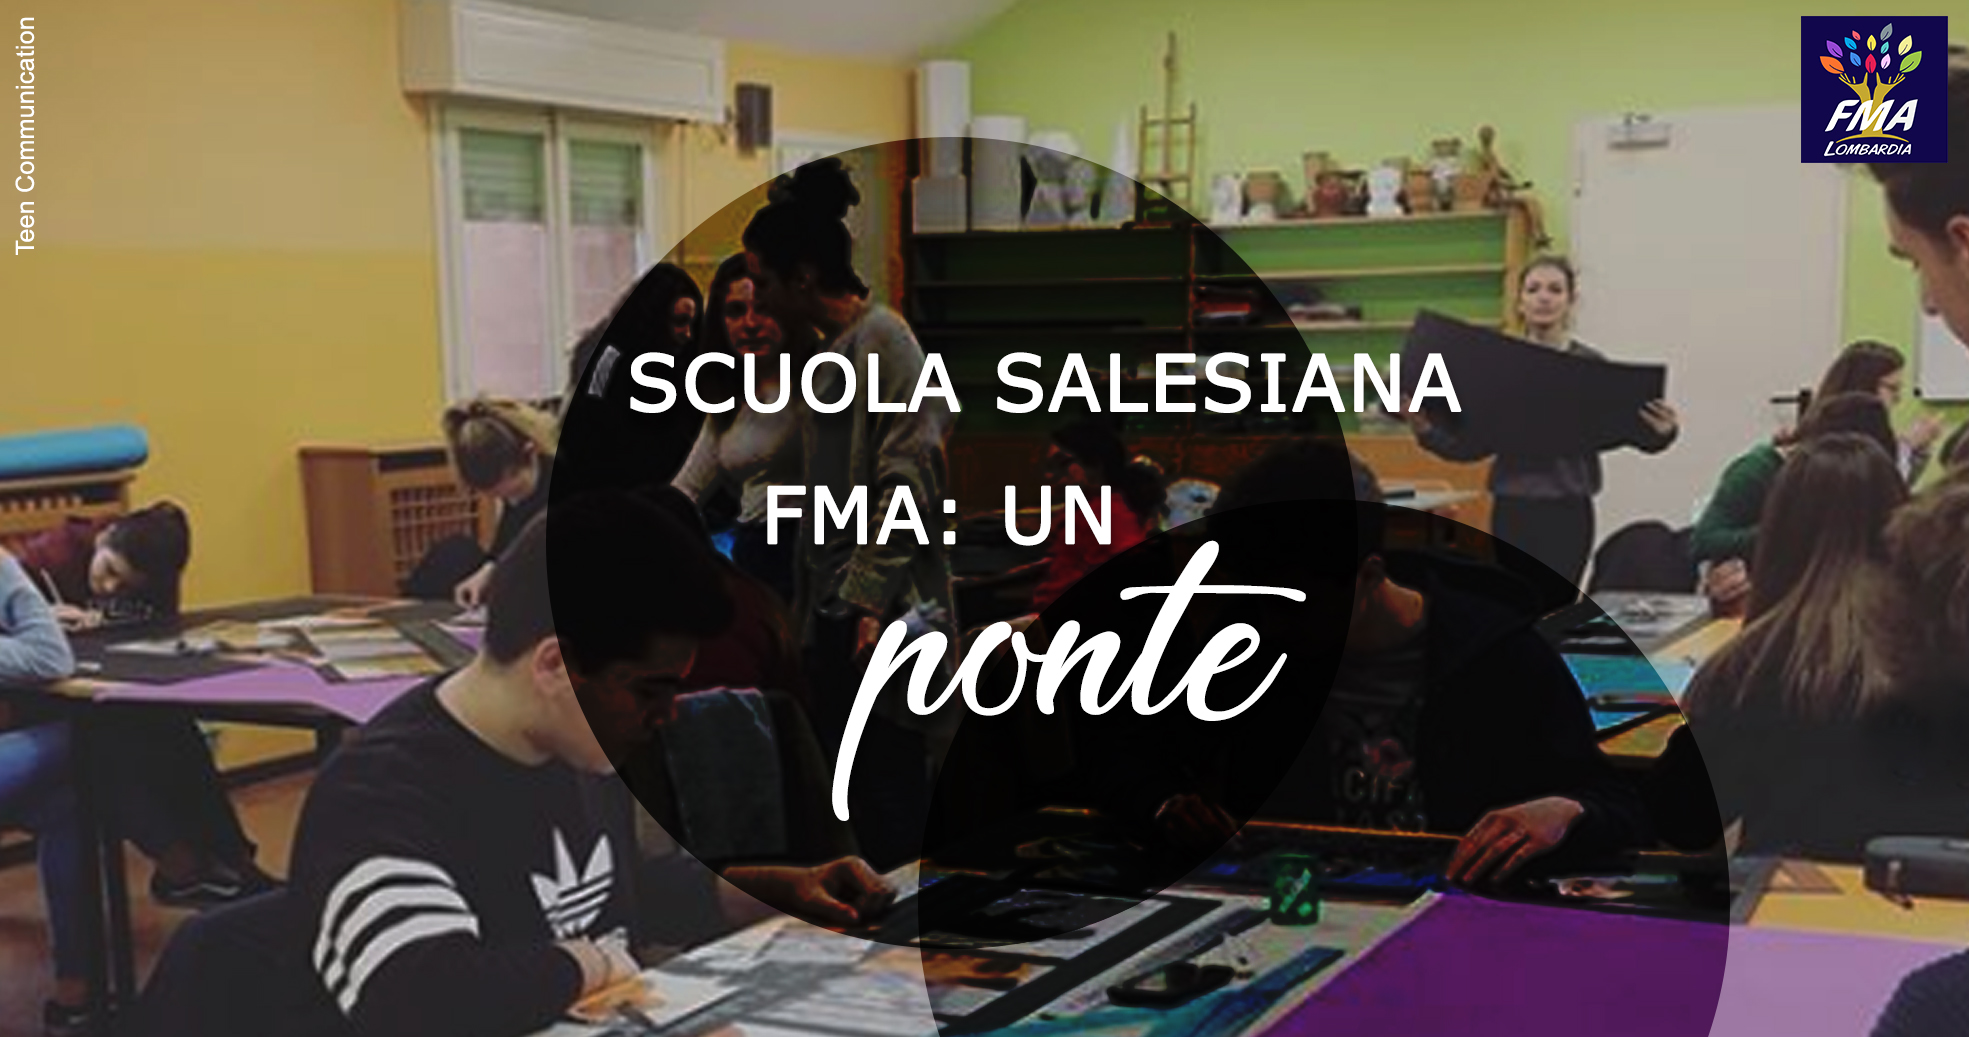 Scuola salesiana FMA: un ponte